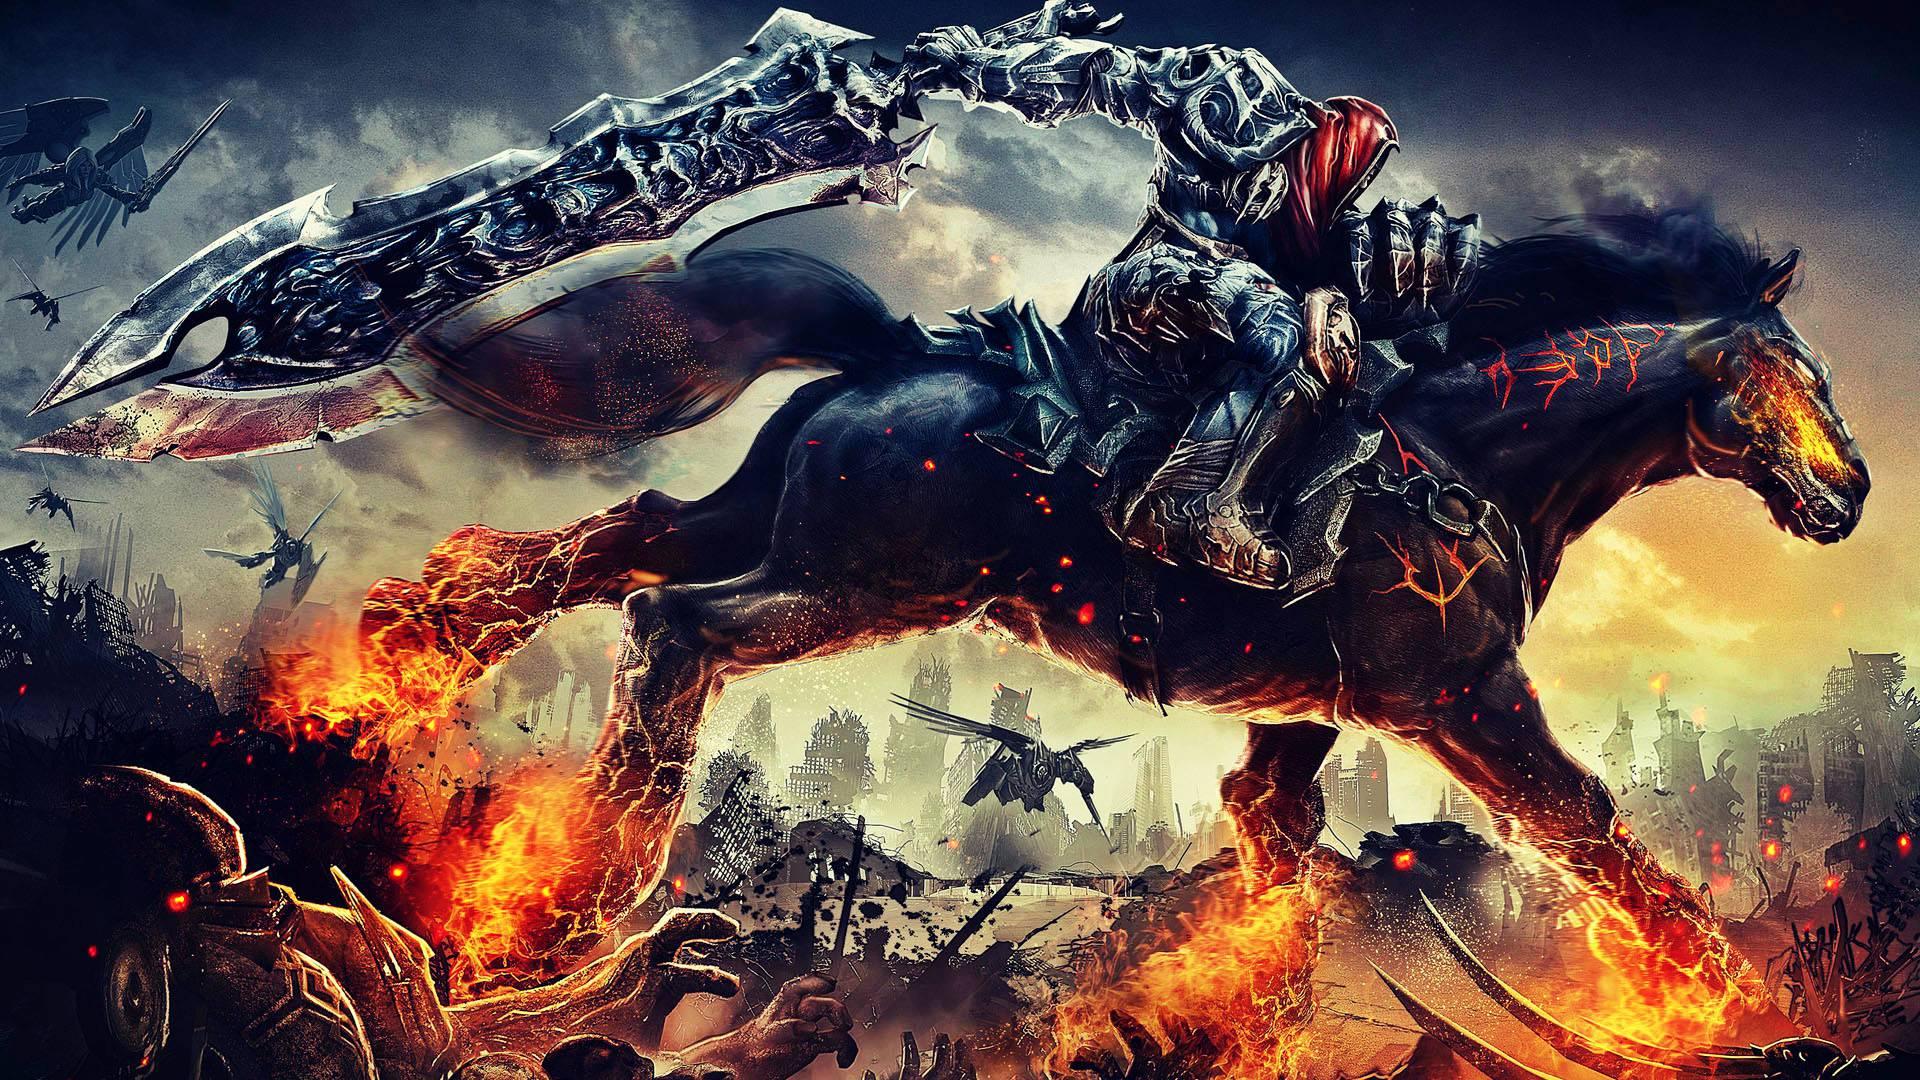 Destruction by Horseback